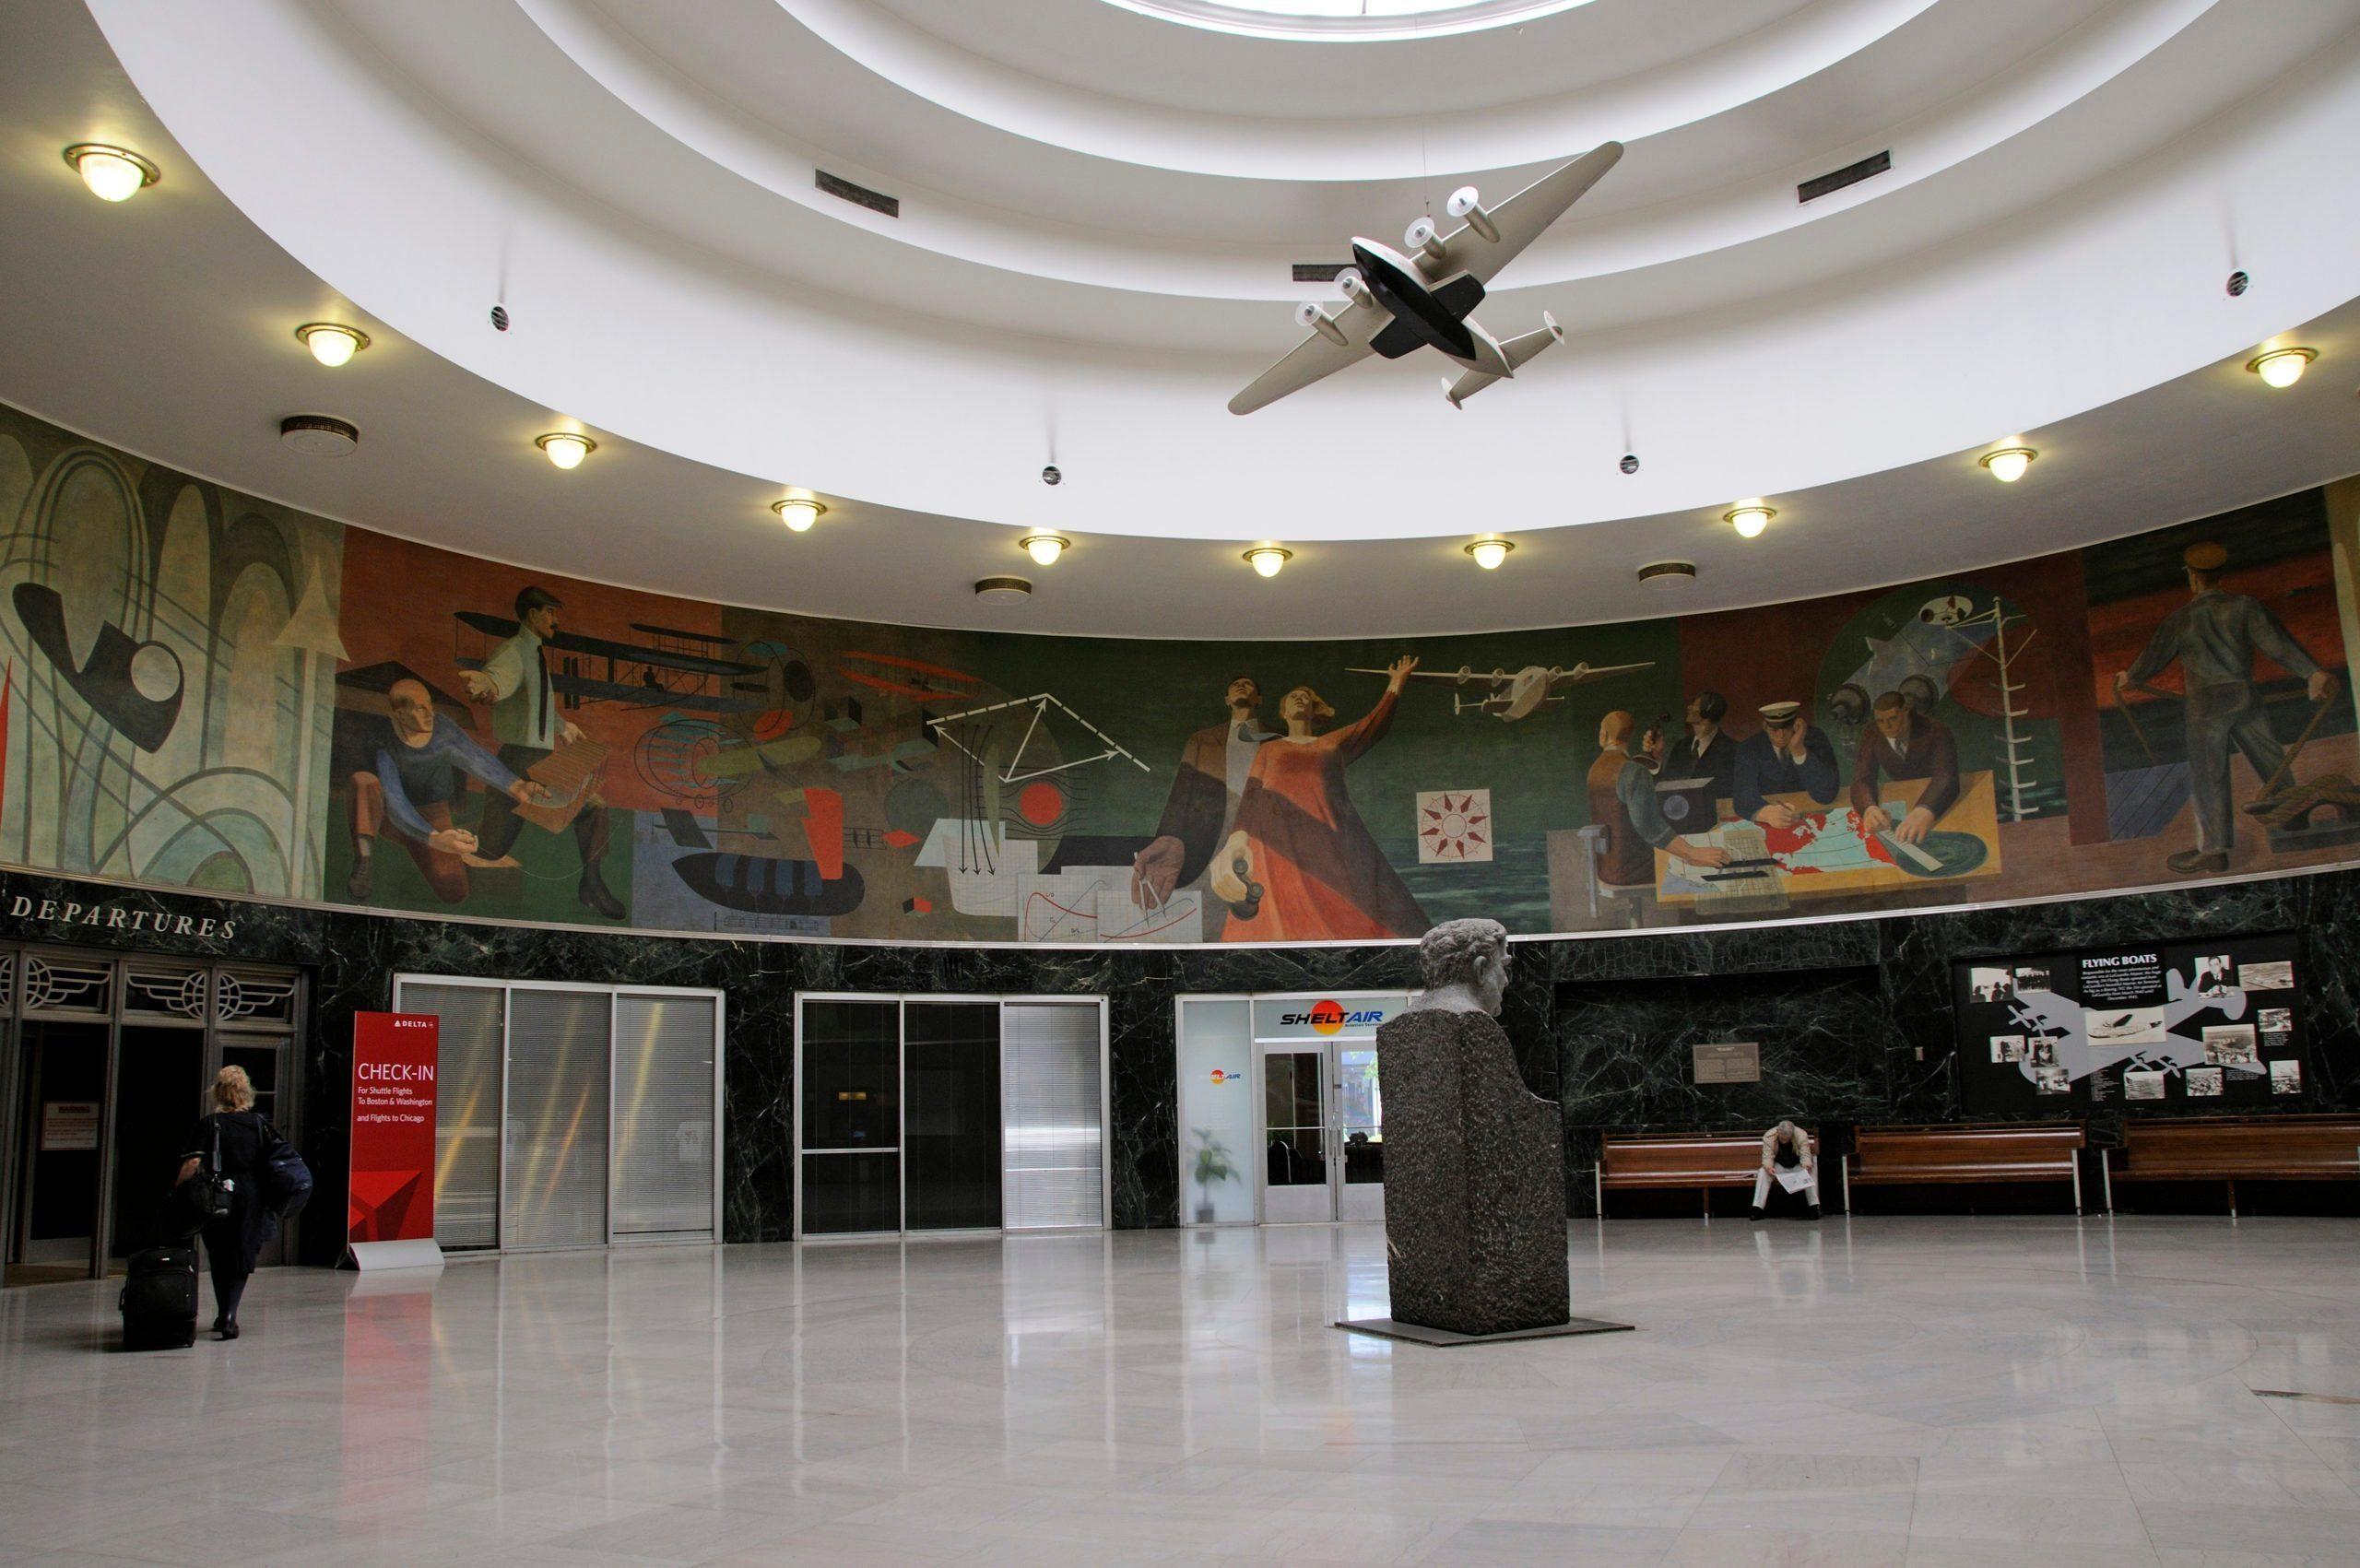 La Guardia Airport NY